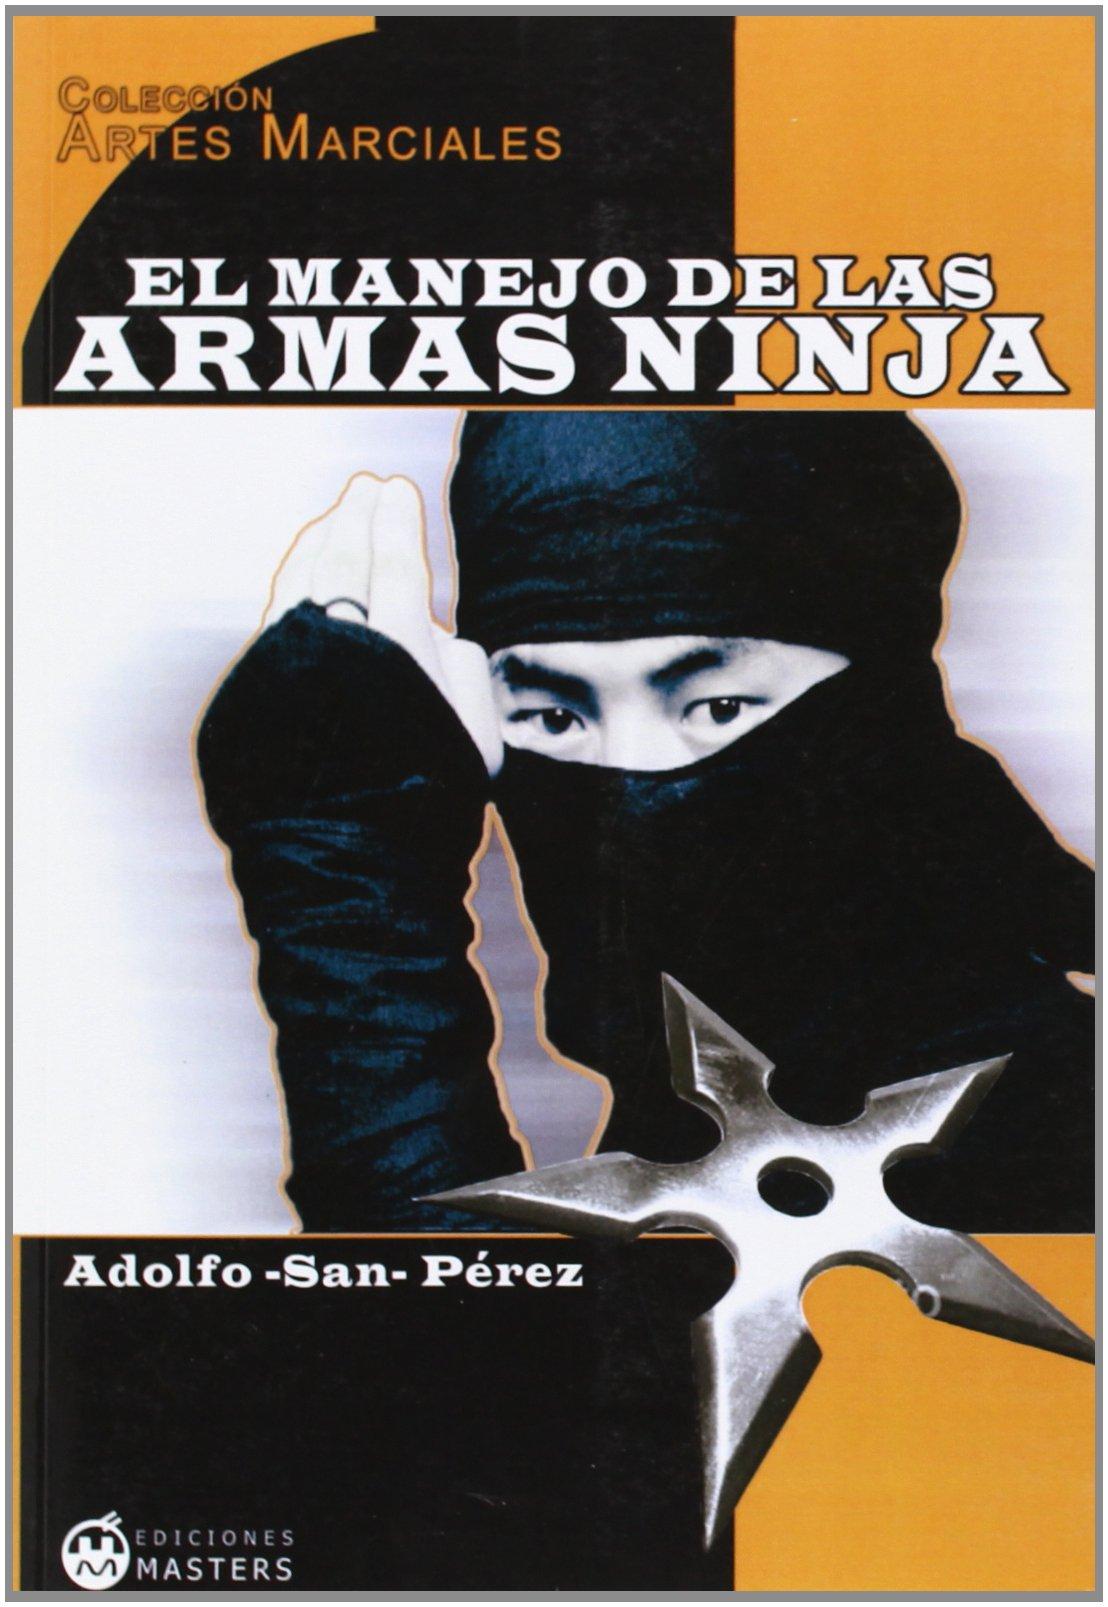 Manejo de las Armas ninja, el: Amazon.es: Adolfo San Eprez ...